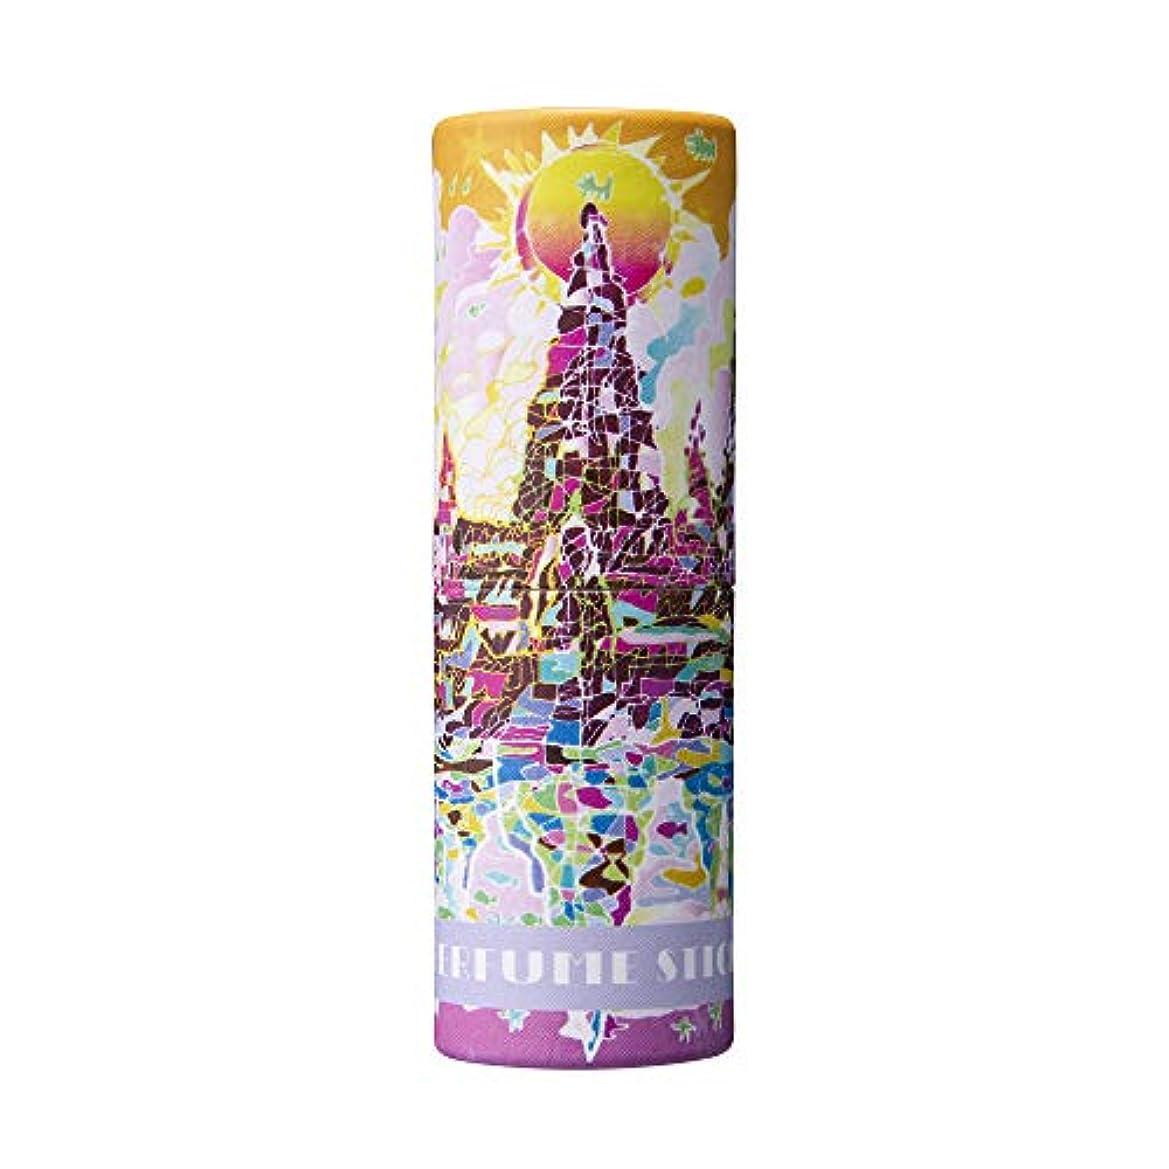 大使館体操選手上院パフュームスティック ドリーム ペア&ピーチの香り 世界遺産デザイン 5g